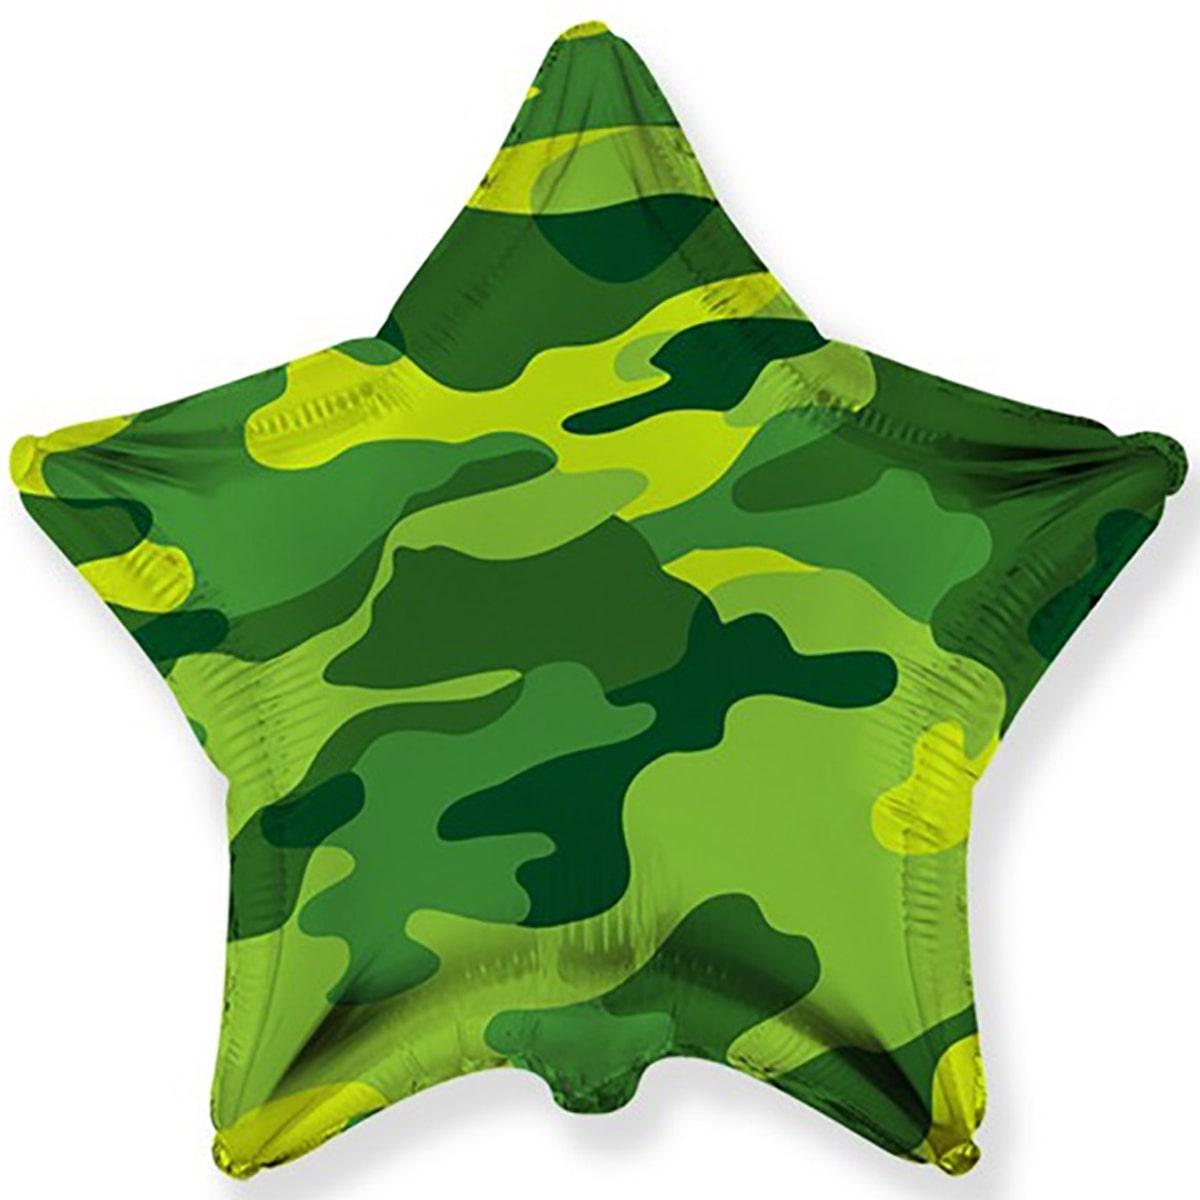 Фольгированный шар 18' Flexmetal Звезда милитари, 45 см